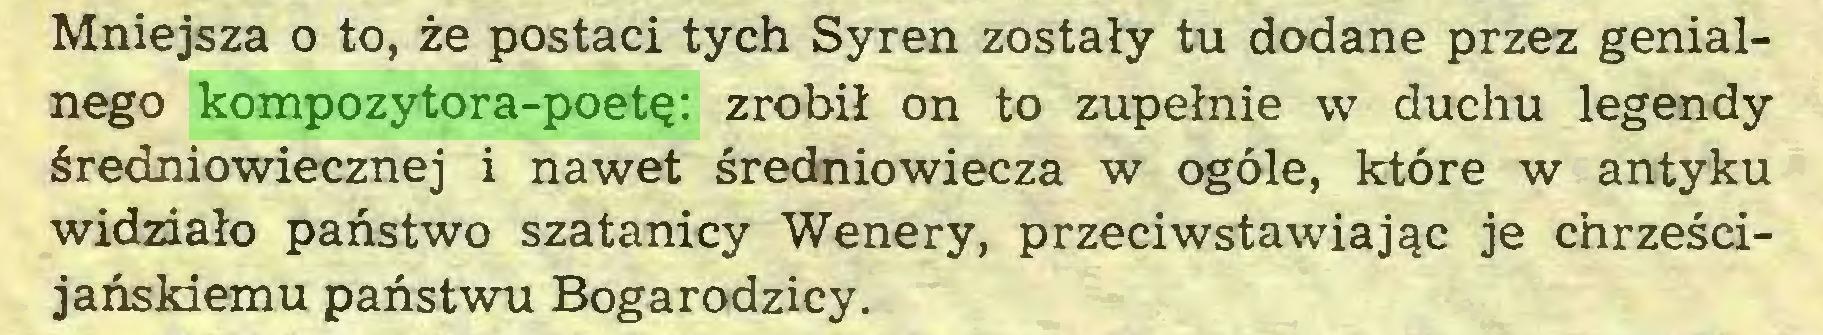 (...) Mniejsza o to, że postaci tych Syren zostały tu dodane przez genialnego kompozytora-poetę: zrobił on to zupełnie w duchu legendy średniowiecznej i nawet średniowiecza w ogóle, które w antyku widziało państwo szatanicy Wenery, przeciwstawiając je chrześcijańskiemu państwu Bogarodzicy...